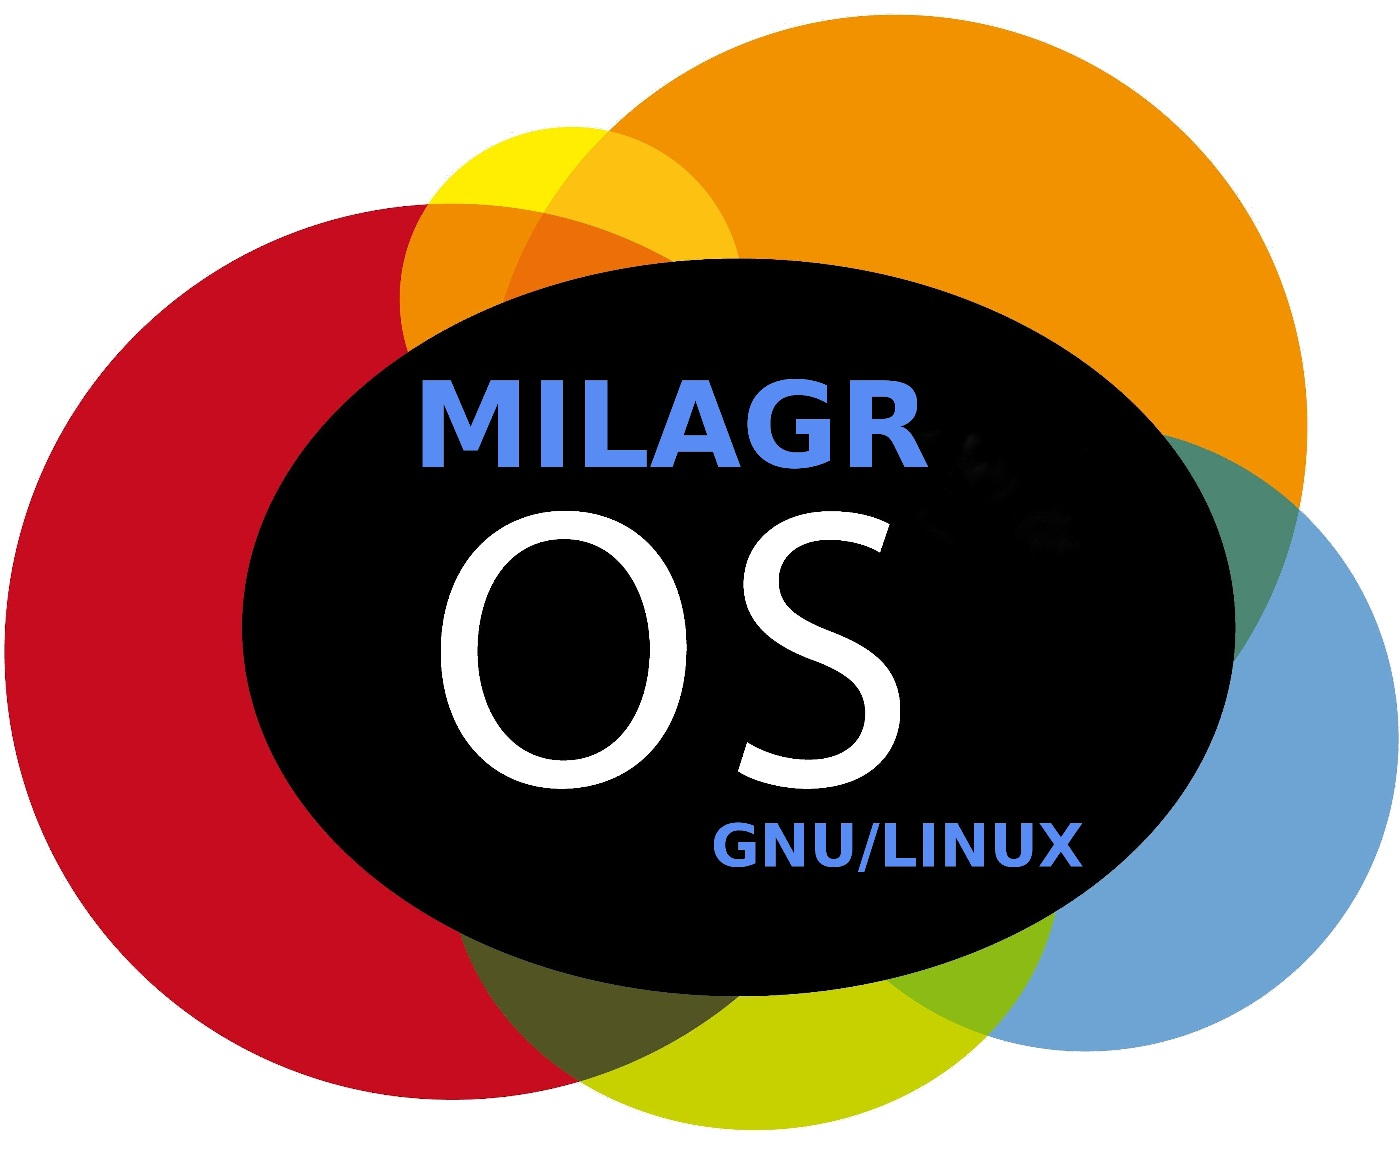 Logo Oficial de MilagrOS GNU/Linux